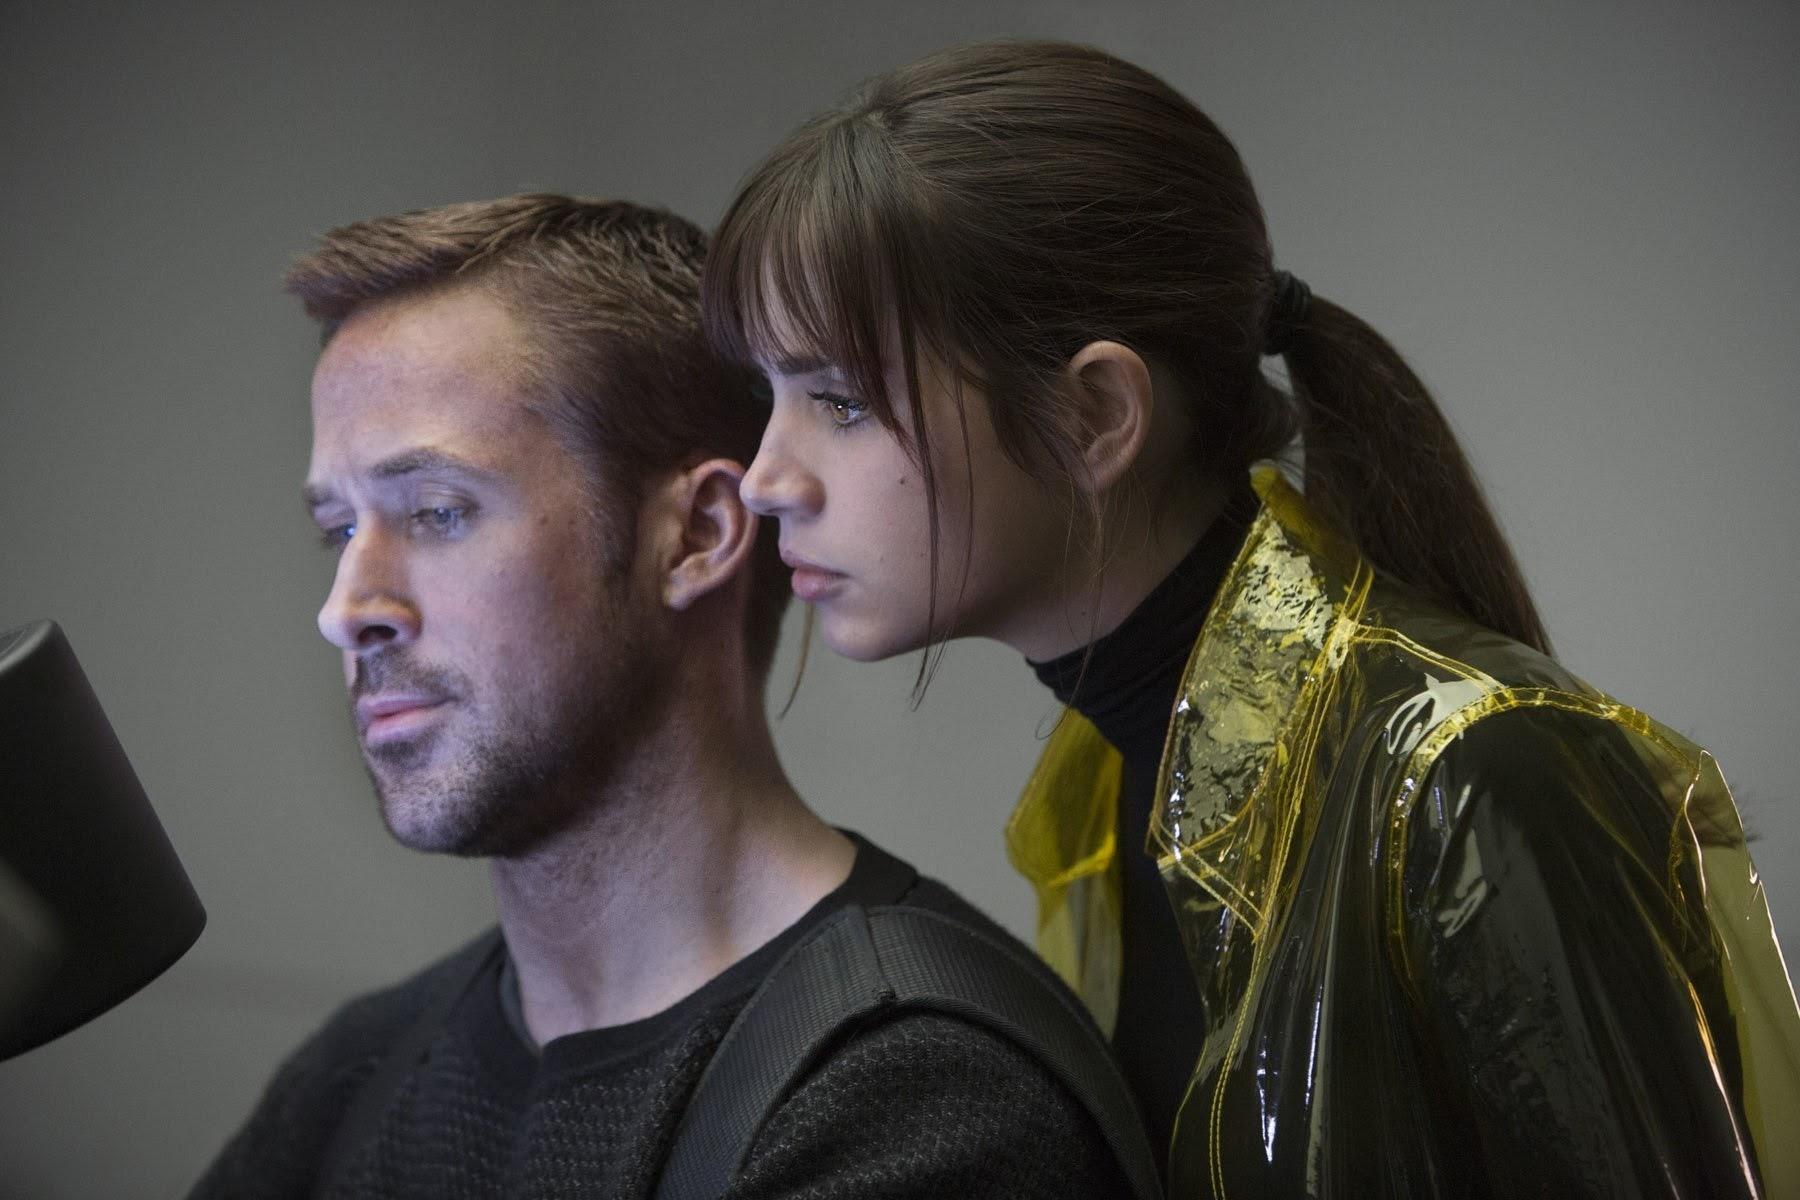 「ラ・ラ・ランド」(2016年)のライアン・ゴズリングが演じるロス市警のブレードランナーの K  と、「ノック・ノック」(2015年)のセクシーなアナ・デ・アルマスを大